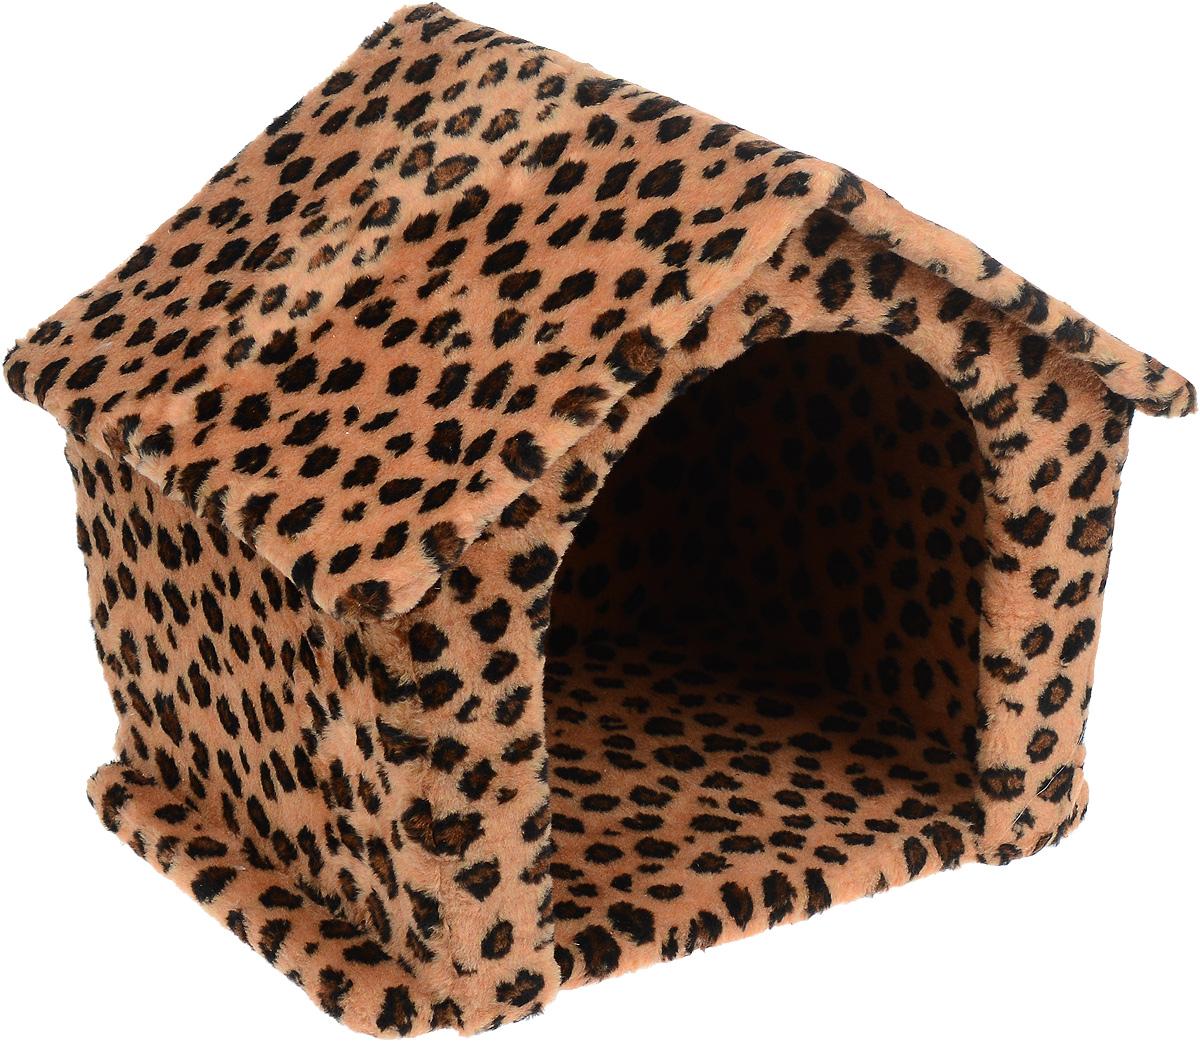 Игровой комплекс для кошек Меридиан Изба, с домиком, цвет: коричневый, черный, бежевый, 49 х 36 х 40 см